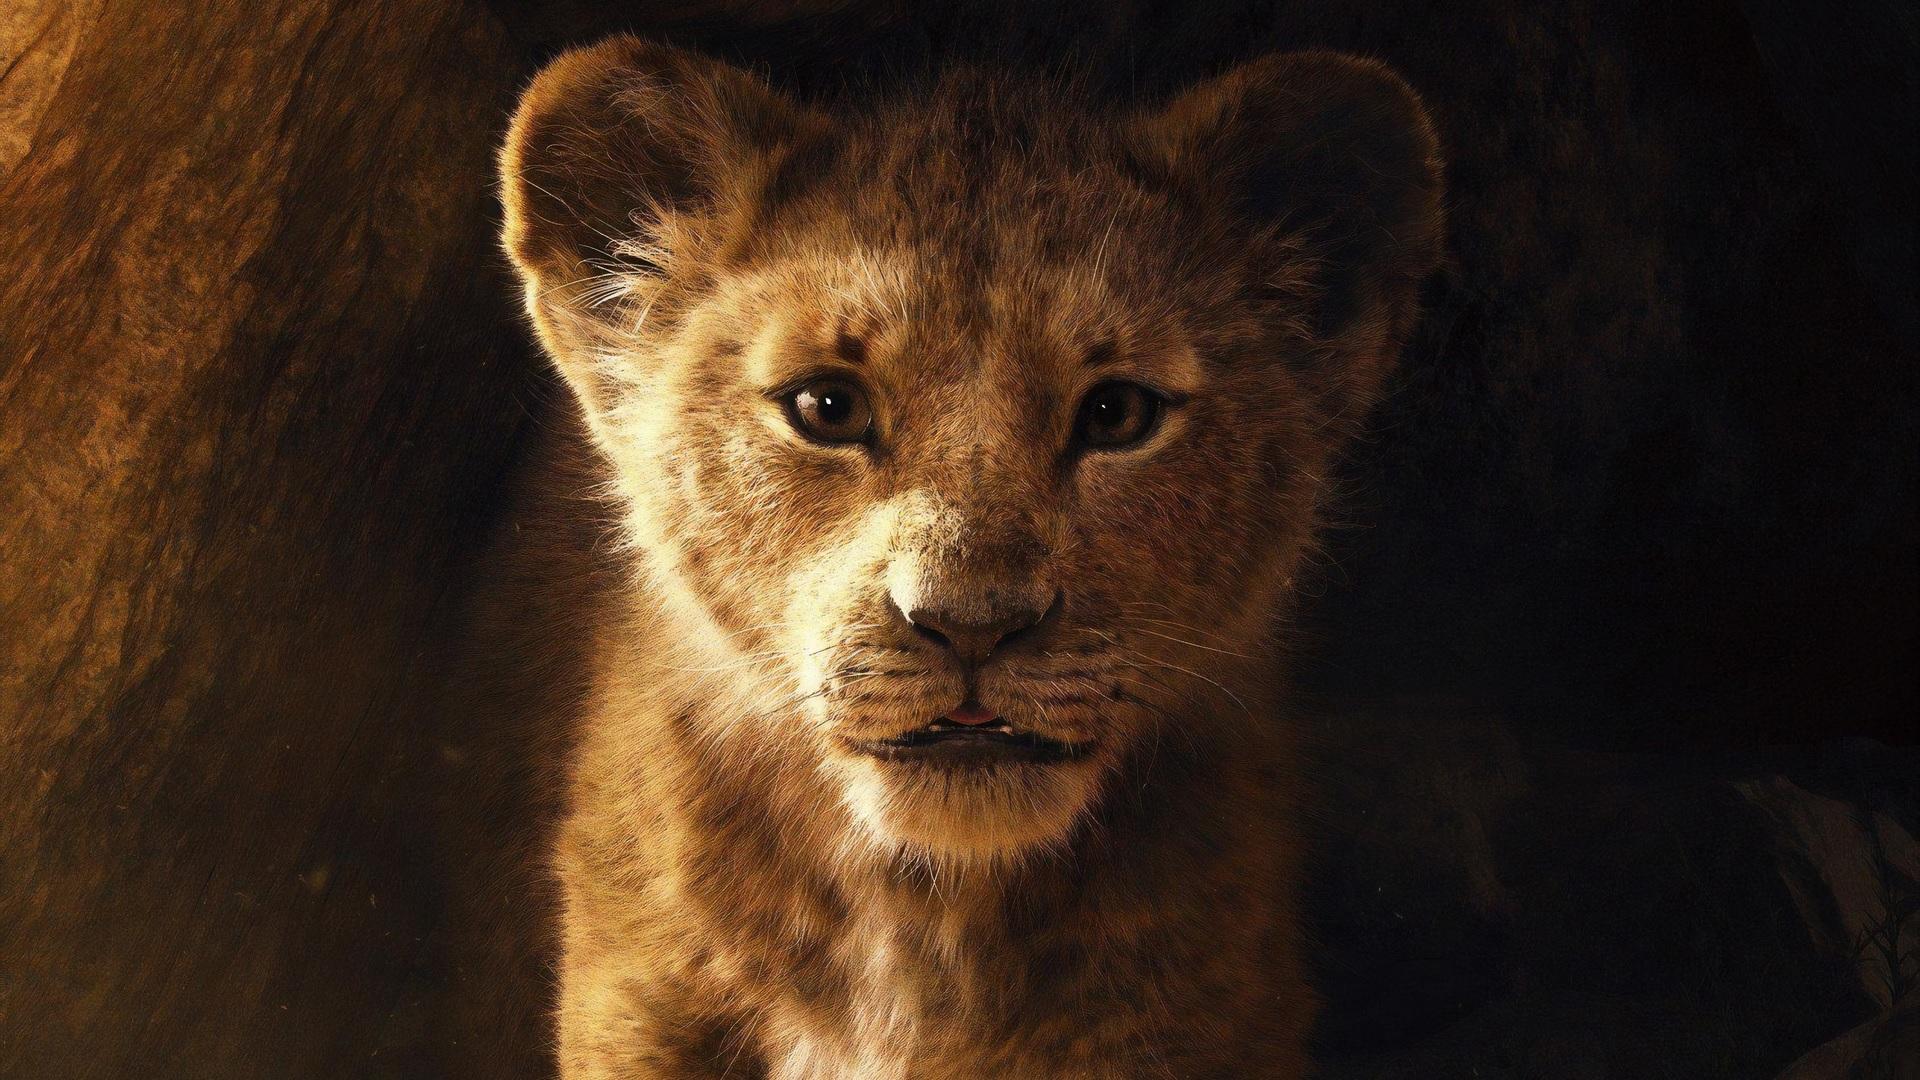 мультфильм король лев 2019 года